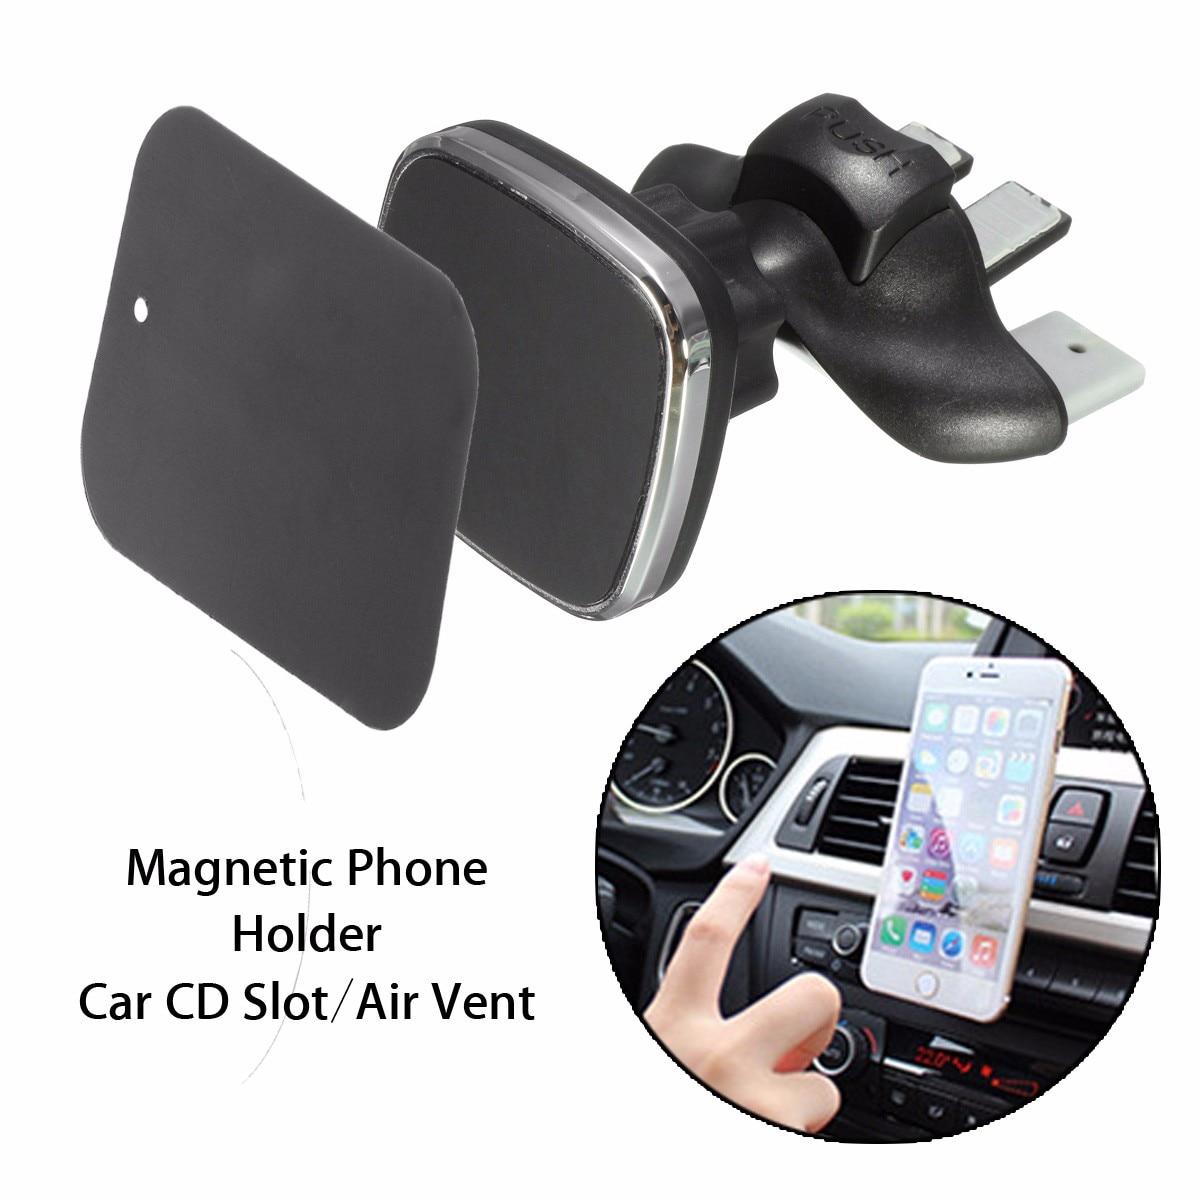 Magnetische Auto Telefon Halter Clip 360 Grad Einstellbar Auto CD Slot Air Vent Halterung Ständer Halterung Universal Für iPhone für samsung